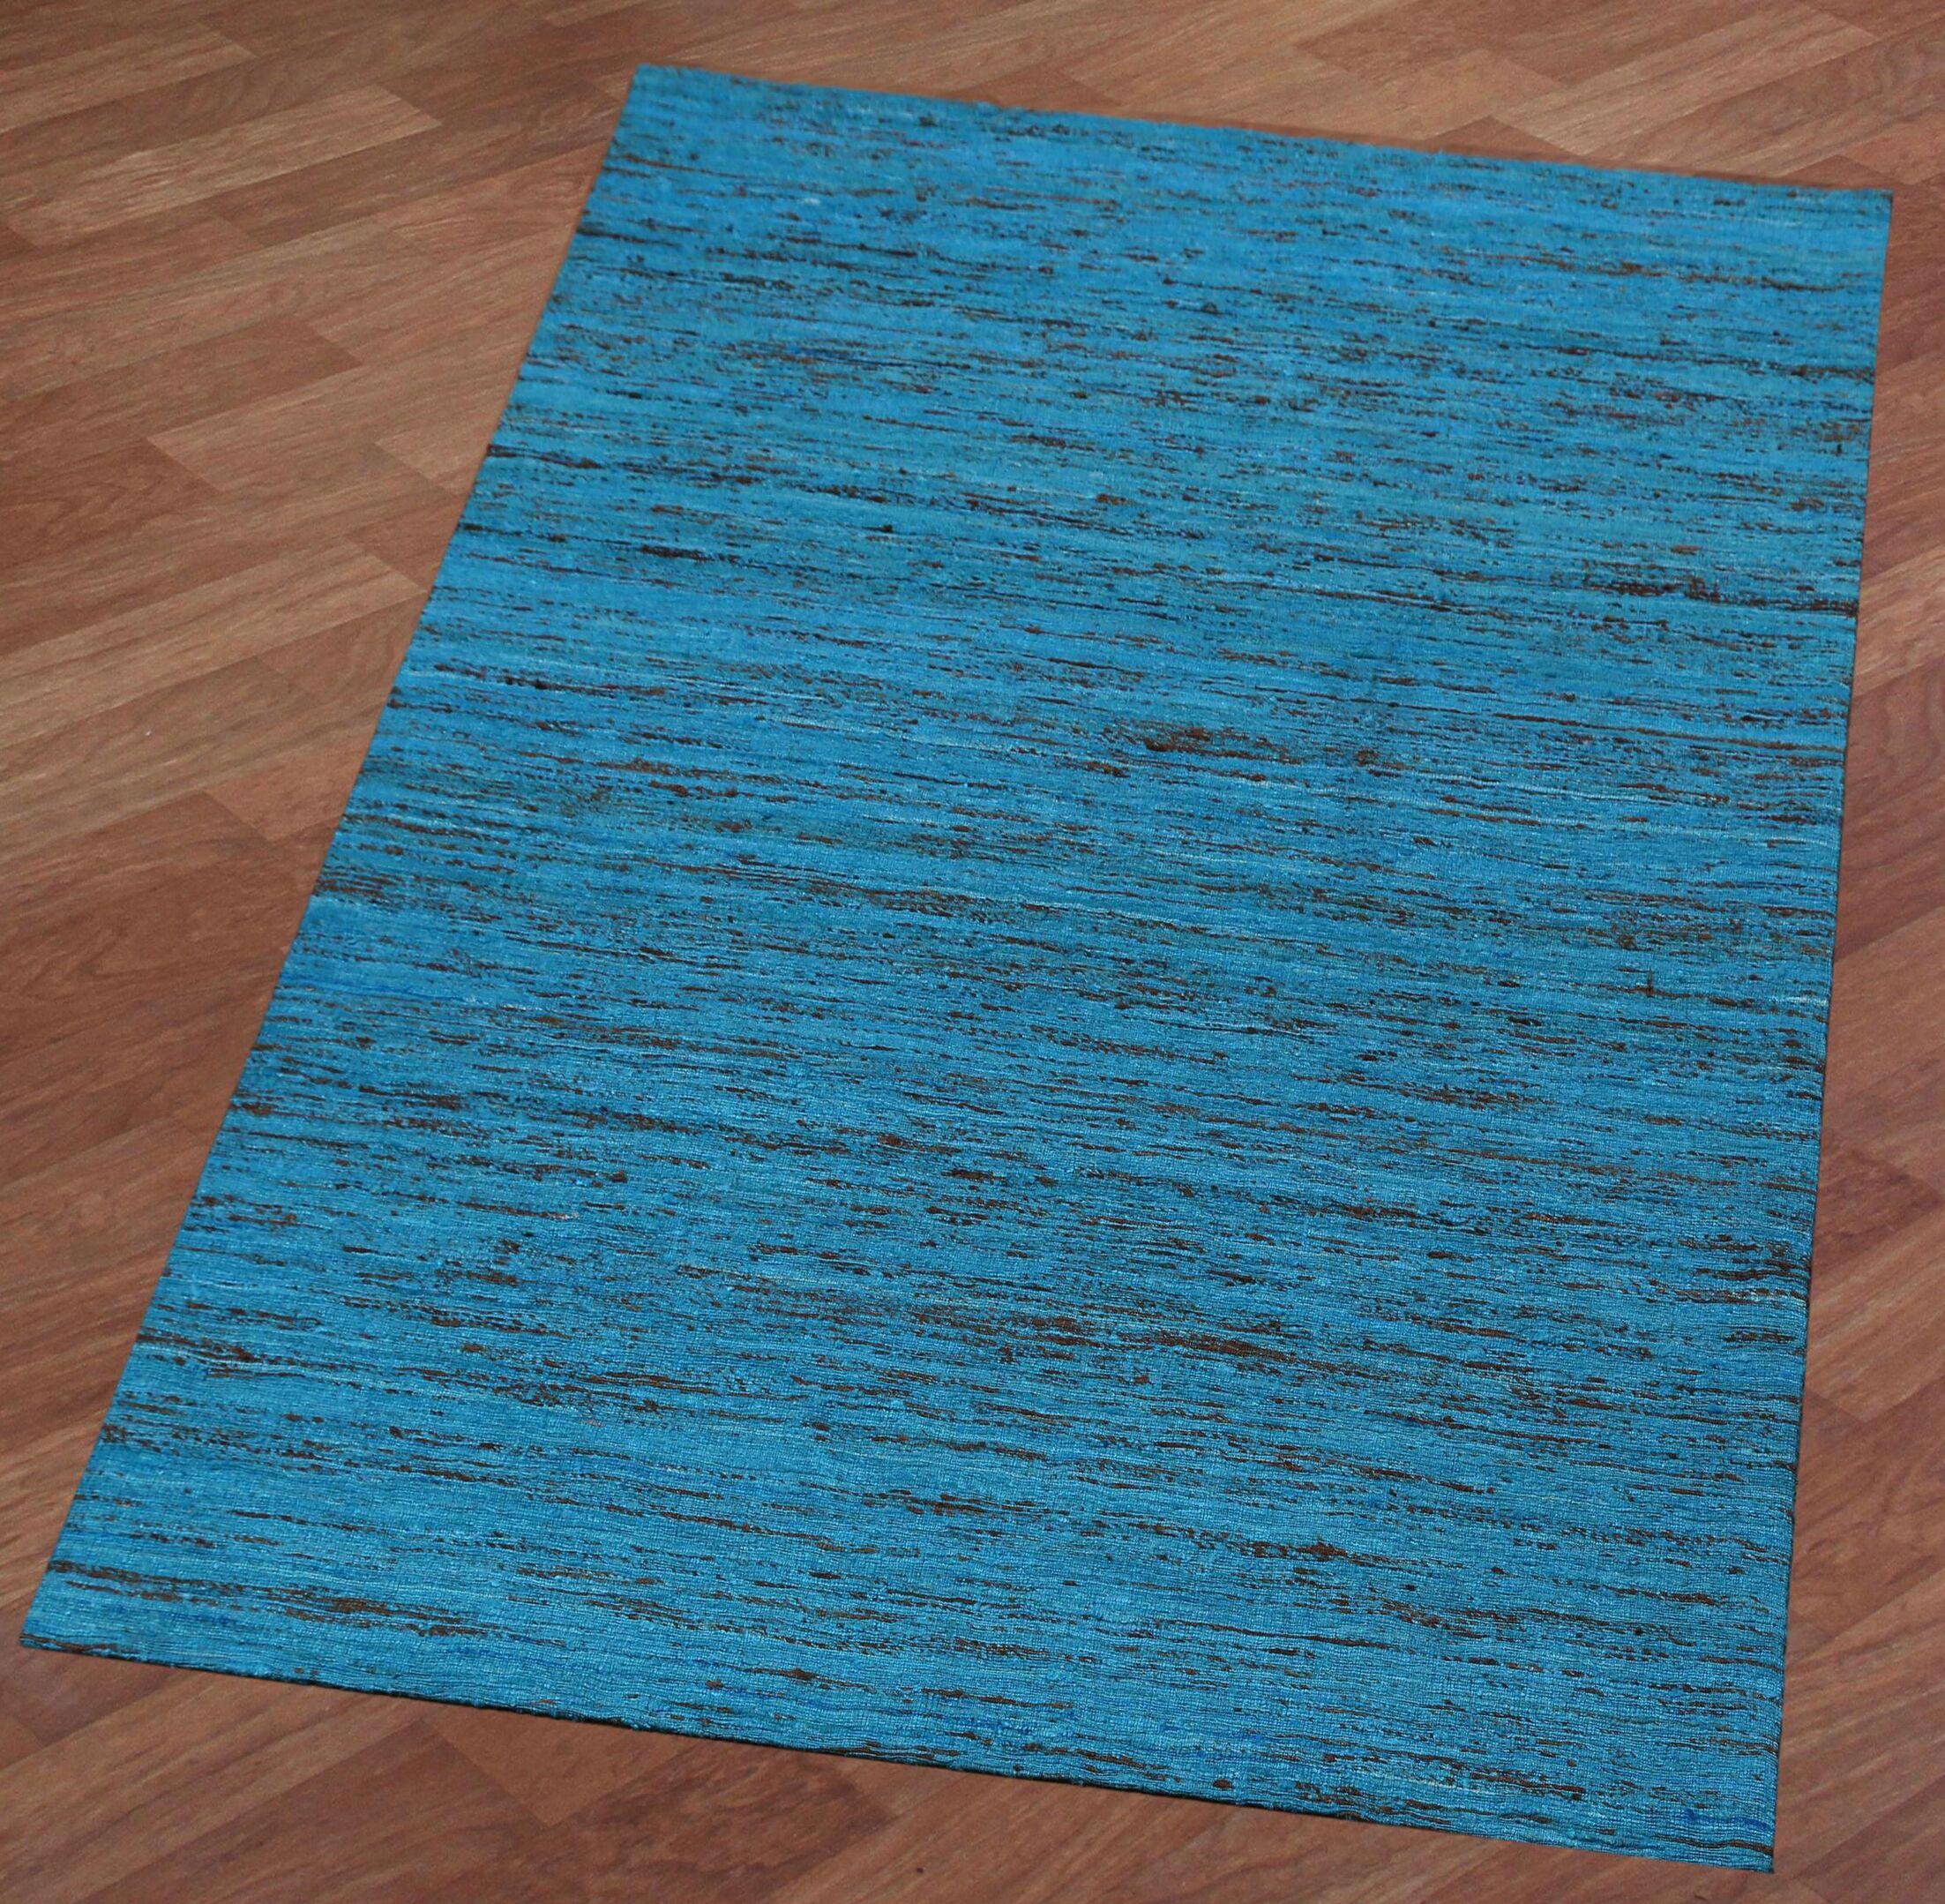 Sari Silk Handmade Aqua Area Rug Rug Size: 4' x 6'